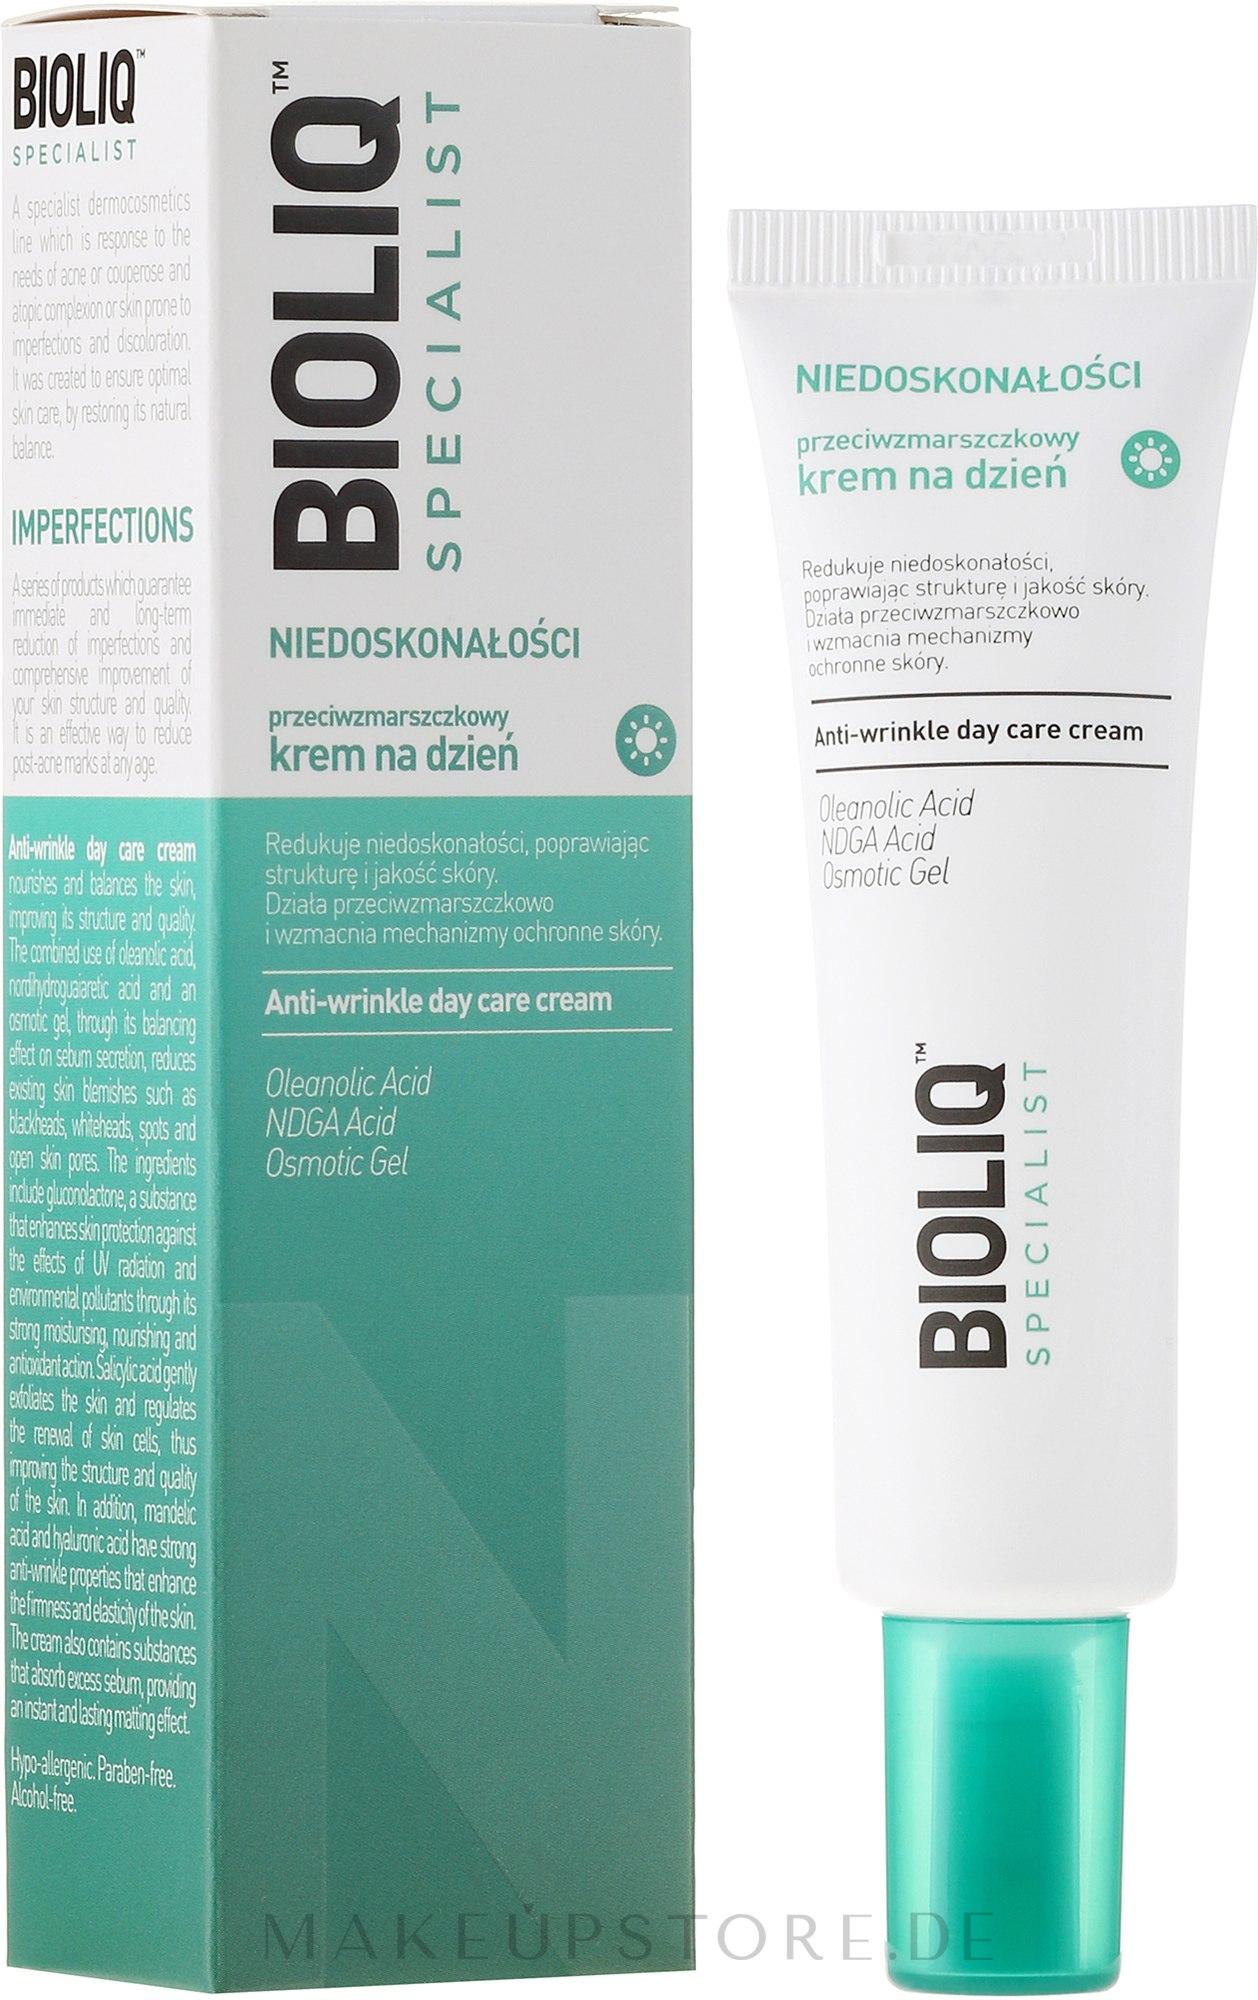 Tagescreme gegen Falten - Bioliq Specialist Niedoskonałośc Anti-Wrinkle Day Care Cream — Bild 30 ml